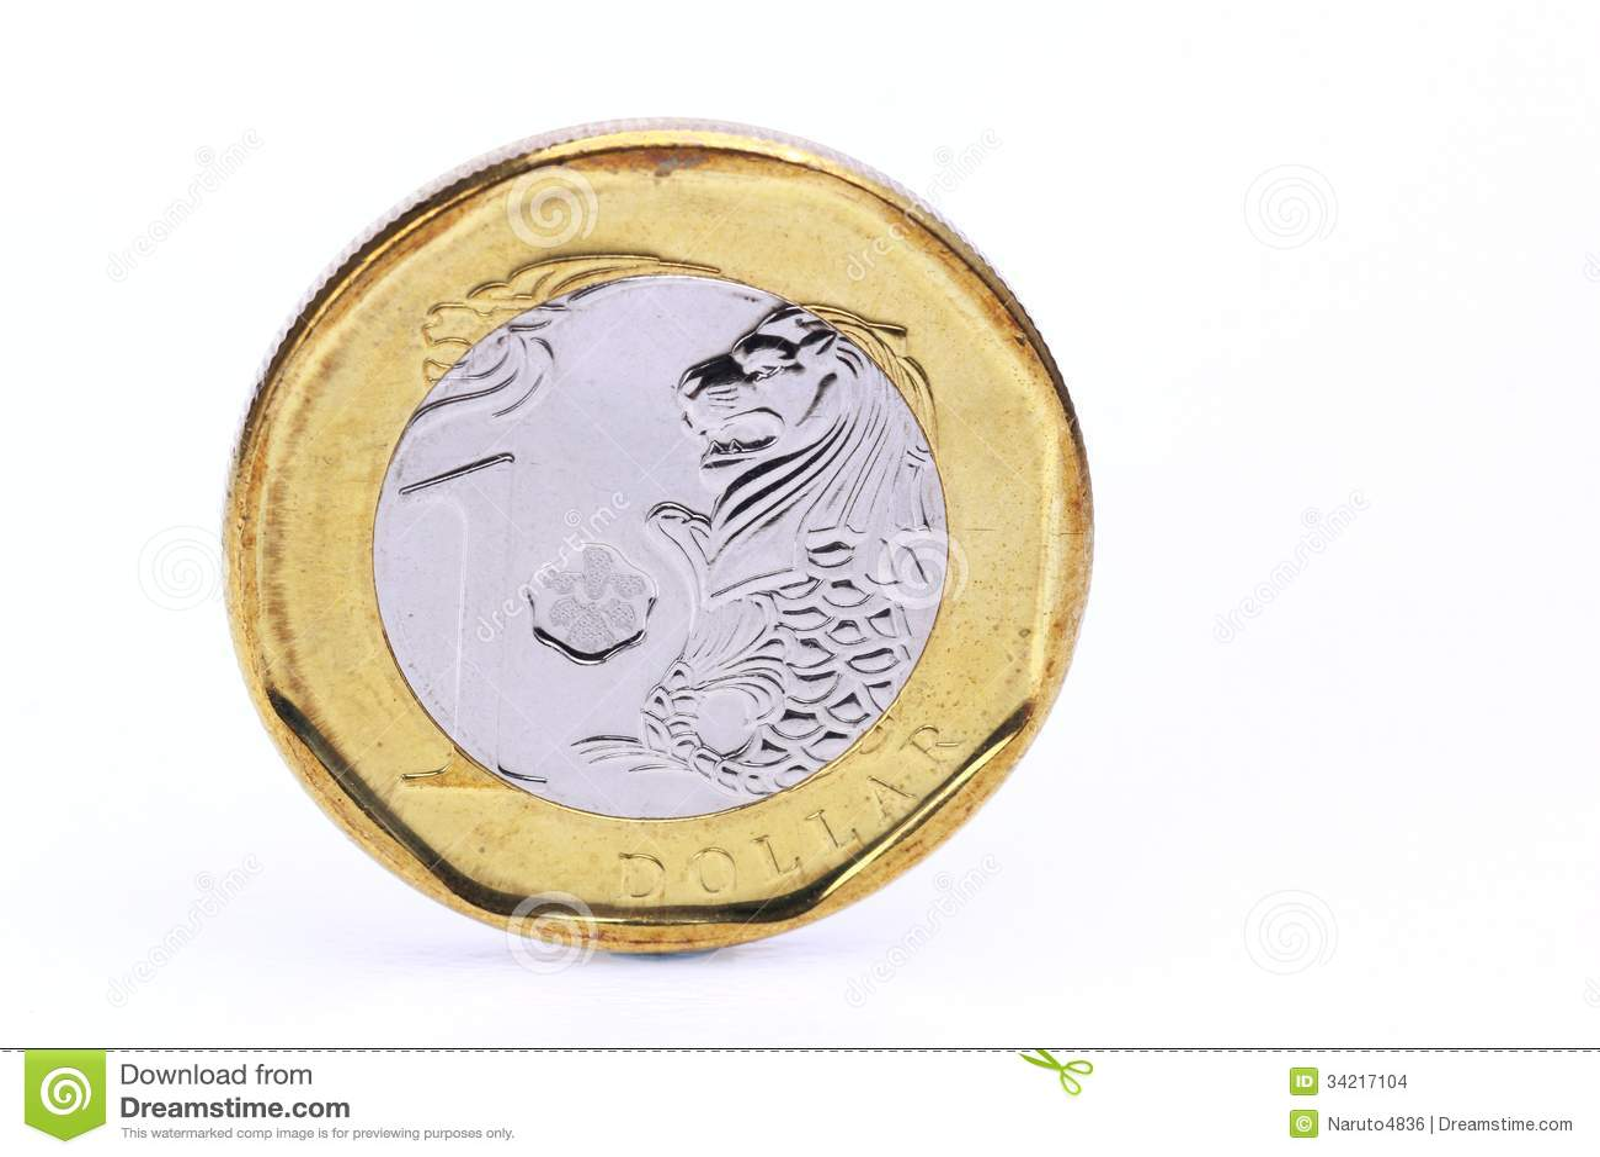 Eine Dollar Singapur Münze Stock Abbildung Illustration Von Dollar